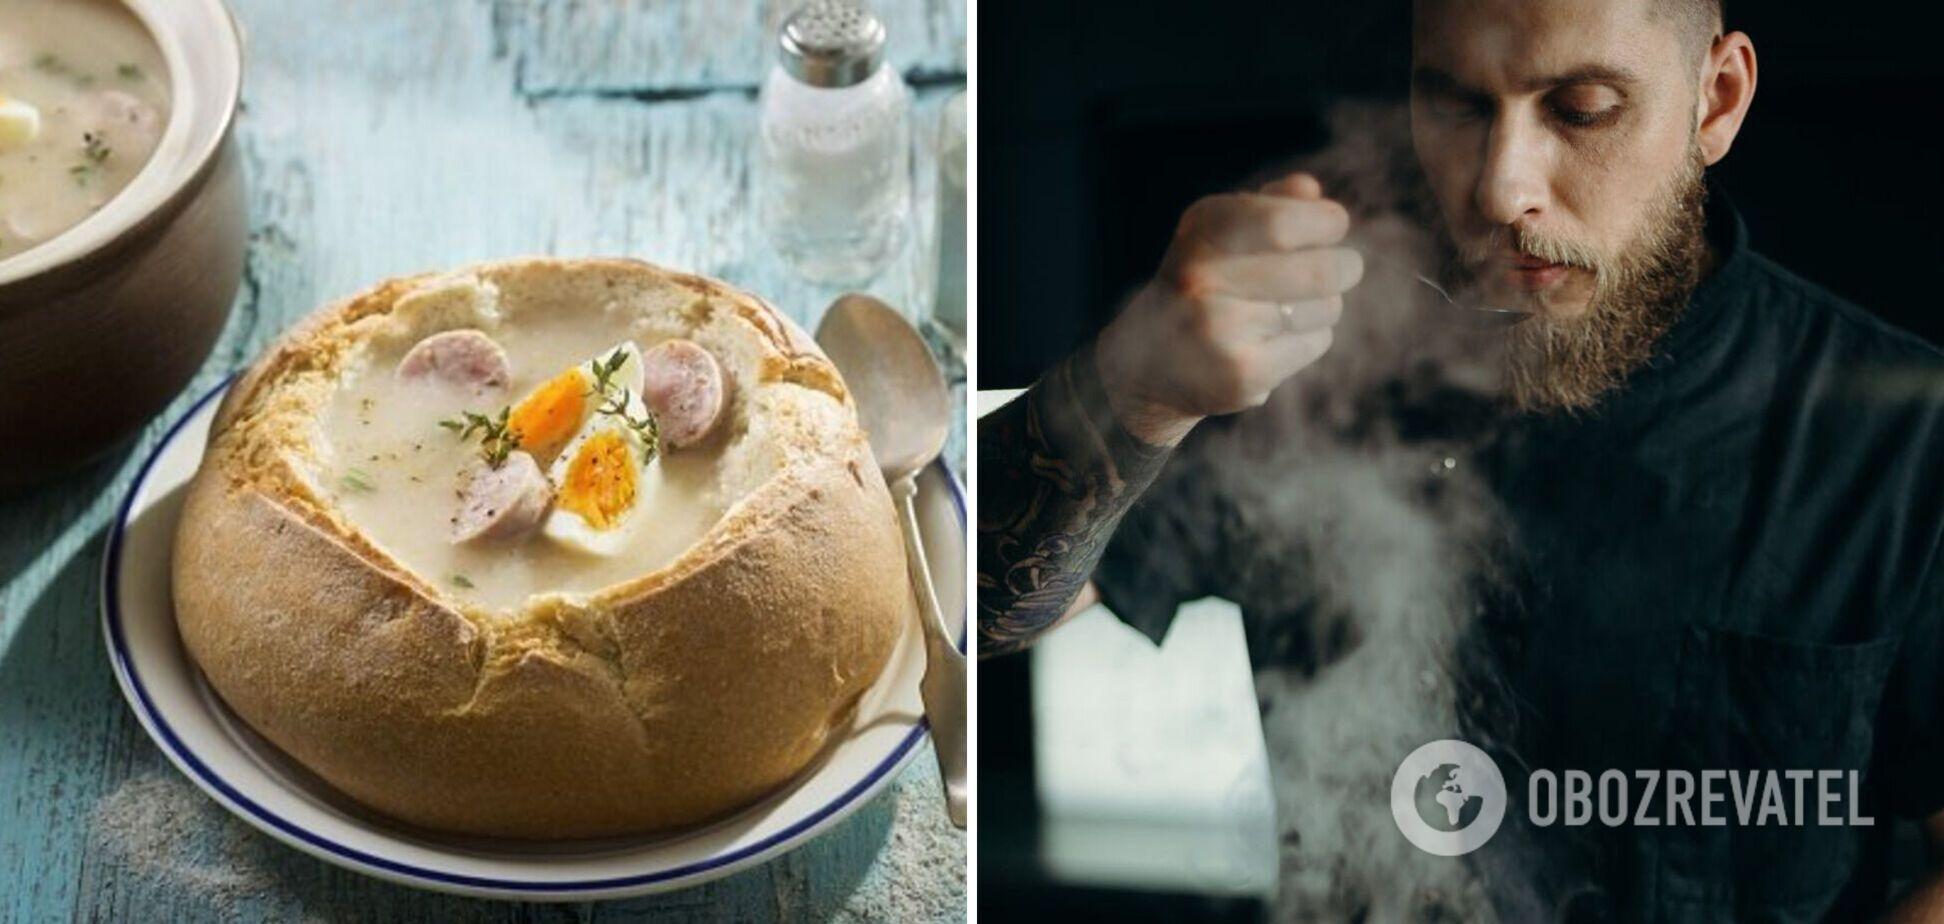 Журек – традиційний польський суп: як приготувати і подати незвичну страву